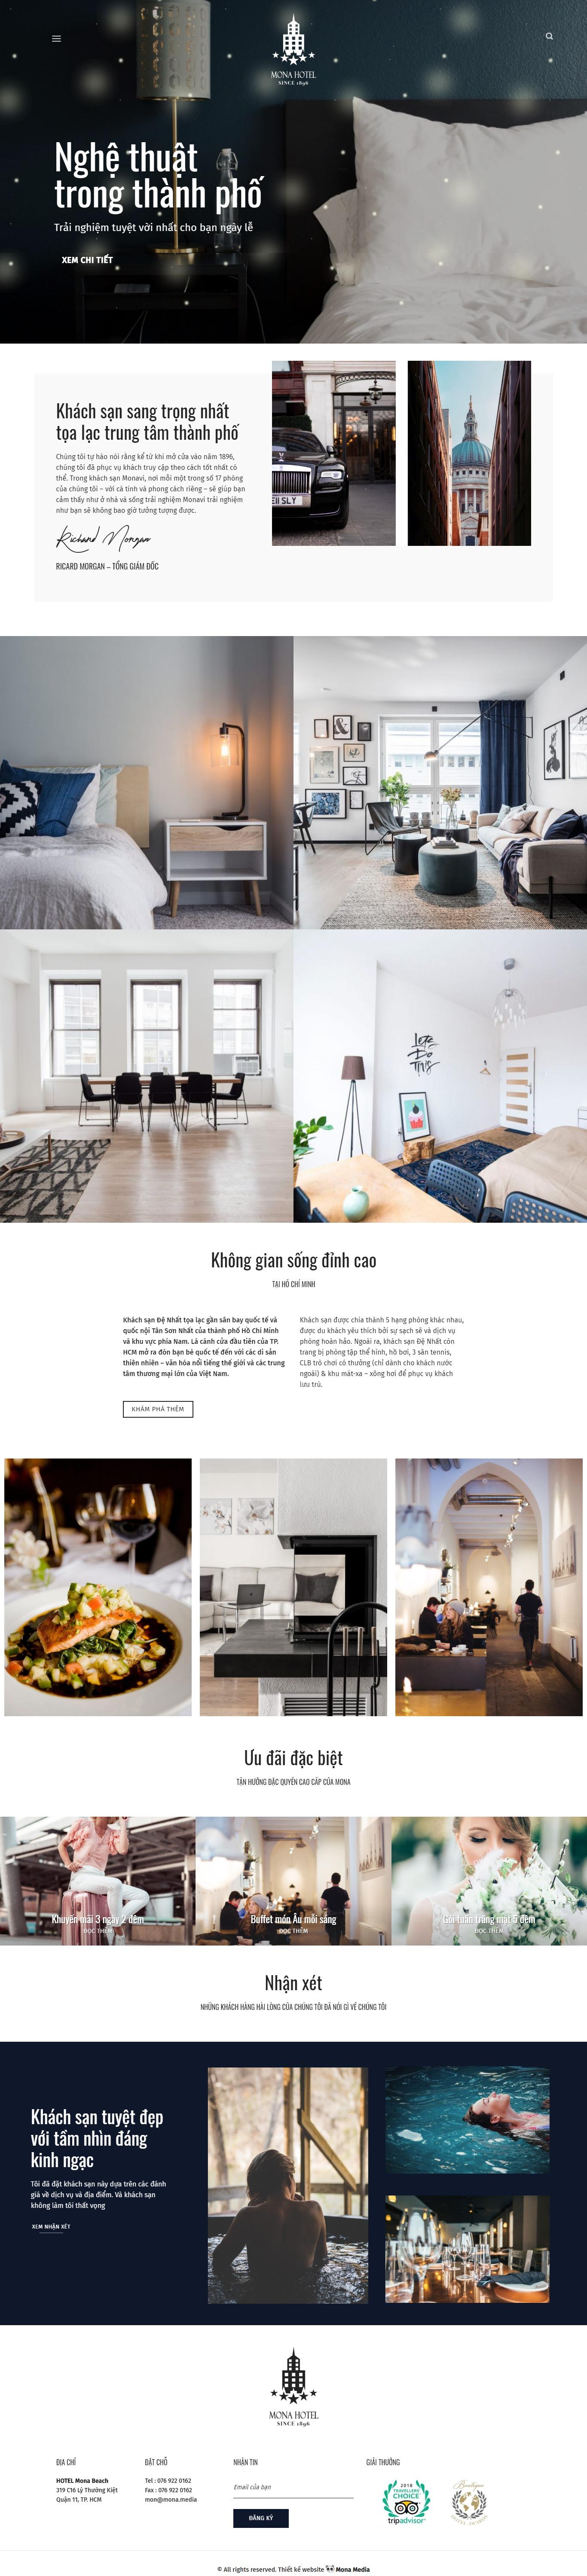 Mẫu website giới thiệu khách sạn giao diện tương tự LuxuryHotel